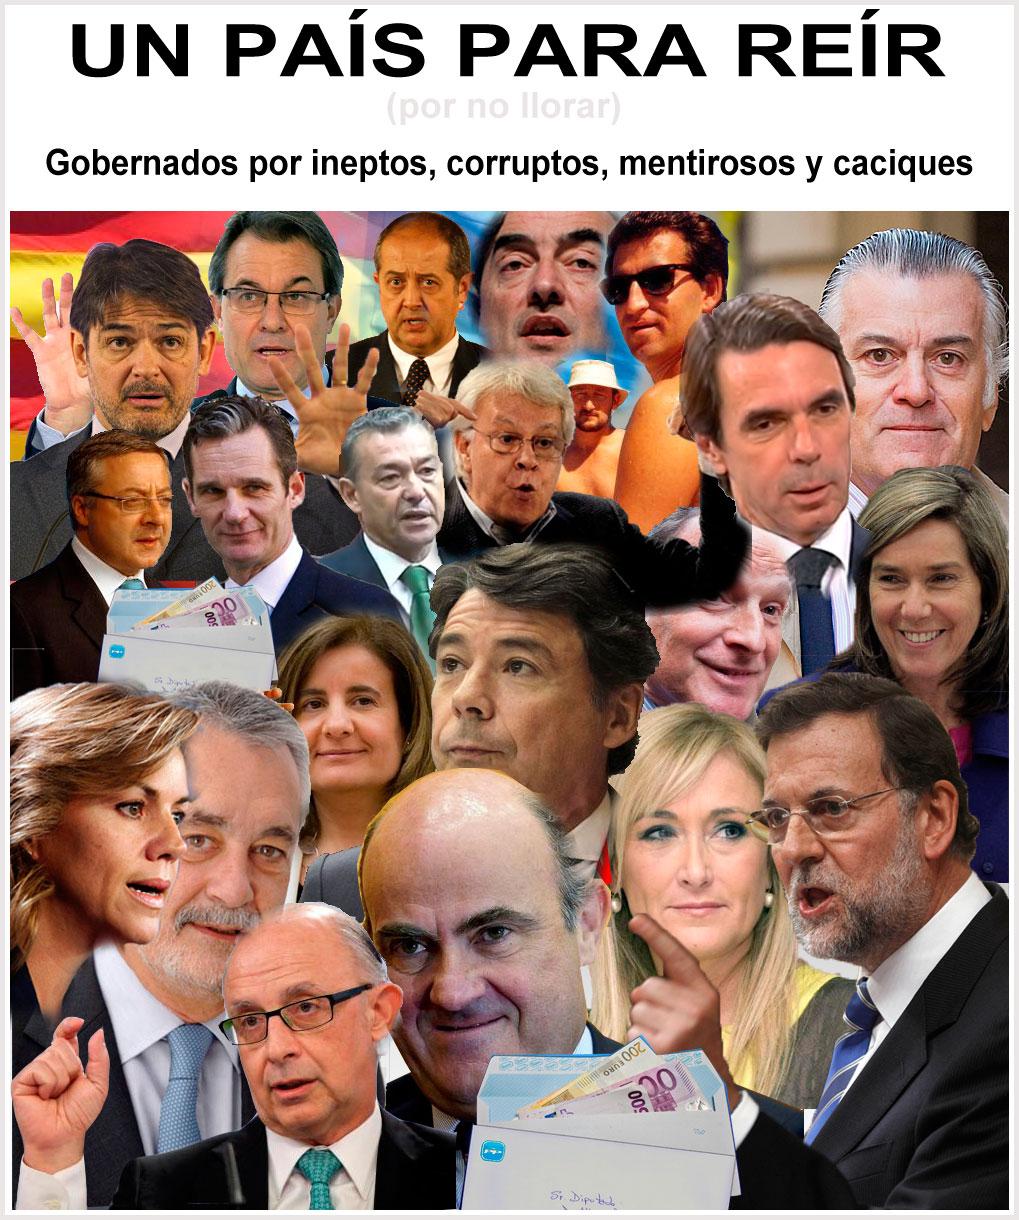 Quéjate gráficamente de nuestros políticos - Página 5 Collage-politicos-corruptos